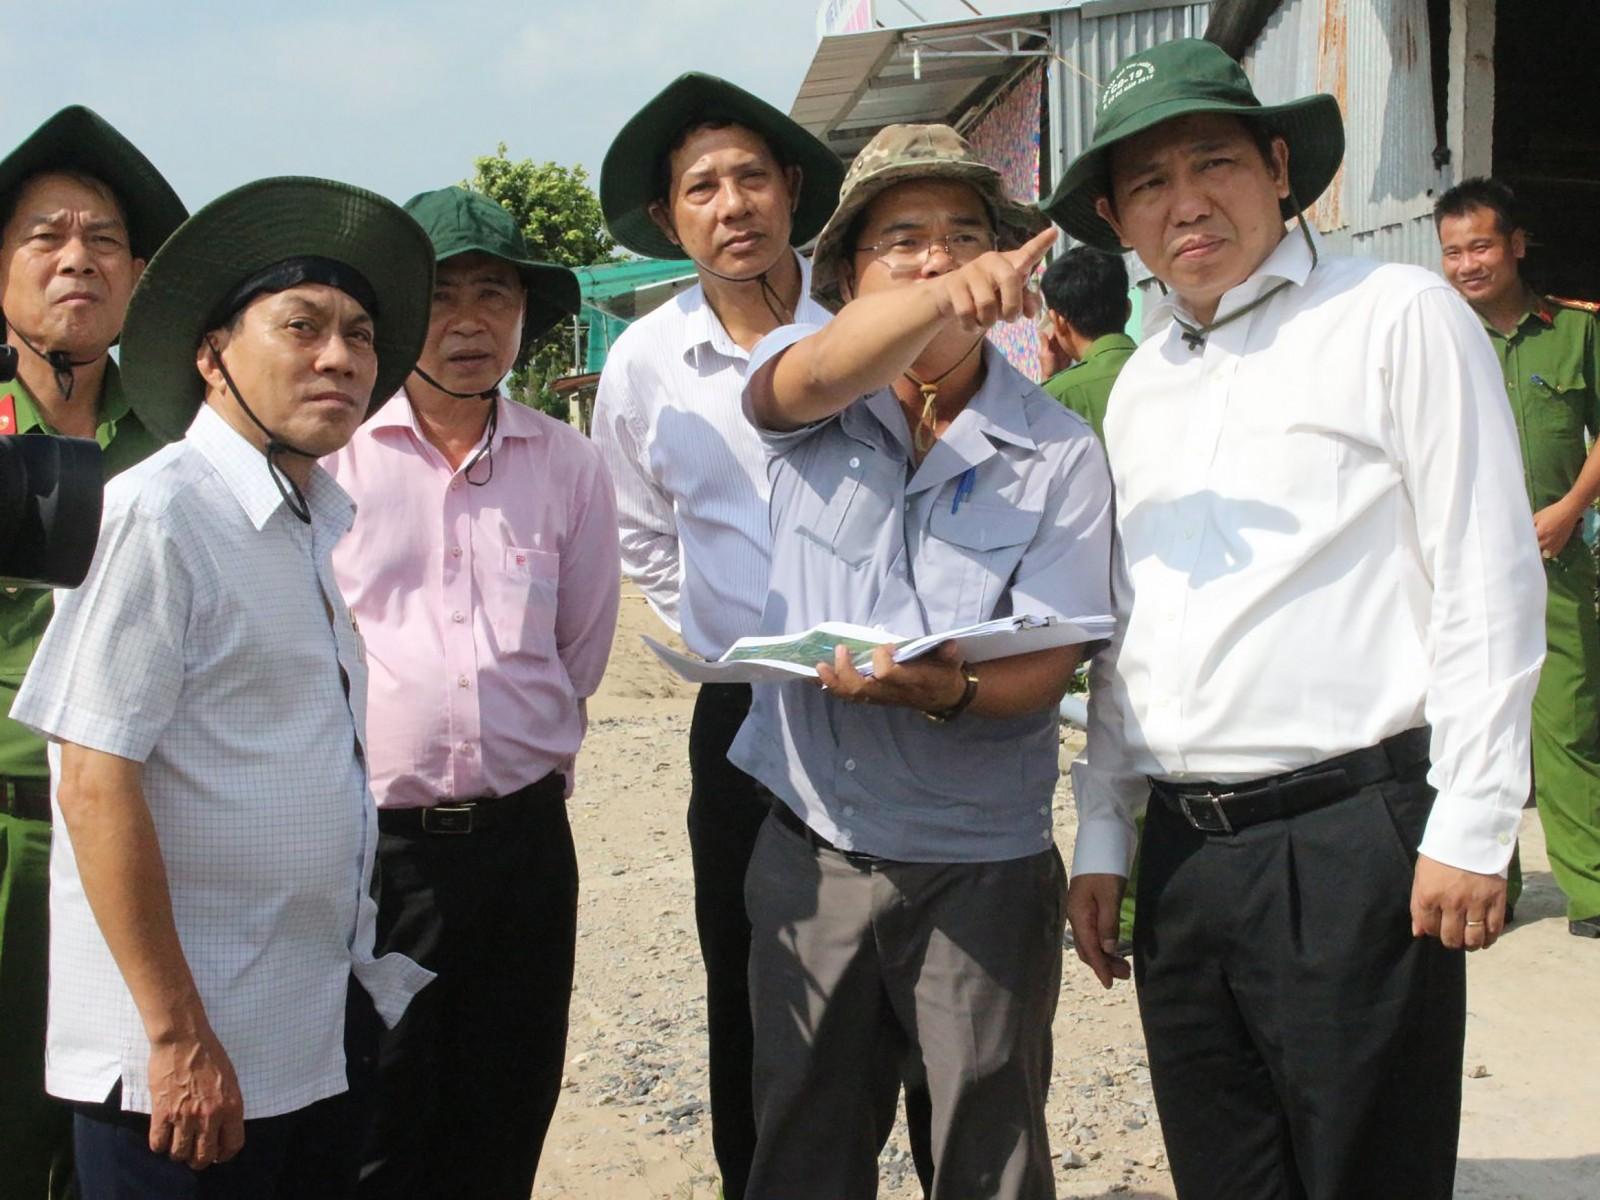 Lãnh đạo TP Cần Thơ và quận Ô Môn kiểm tra tiến độ xây dựng các dự án phát triển đô thị, khắc phục sạt lở, tạo mỹ quan sinh thái trên địa bàn quận Ô Môn.